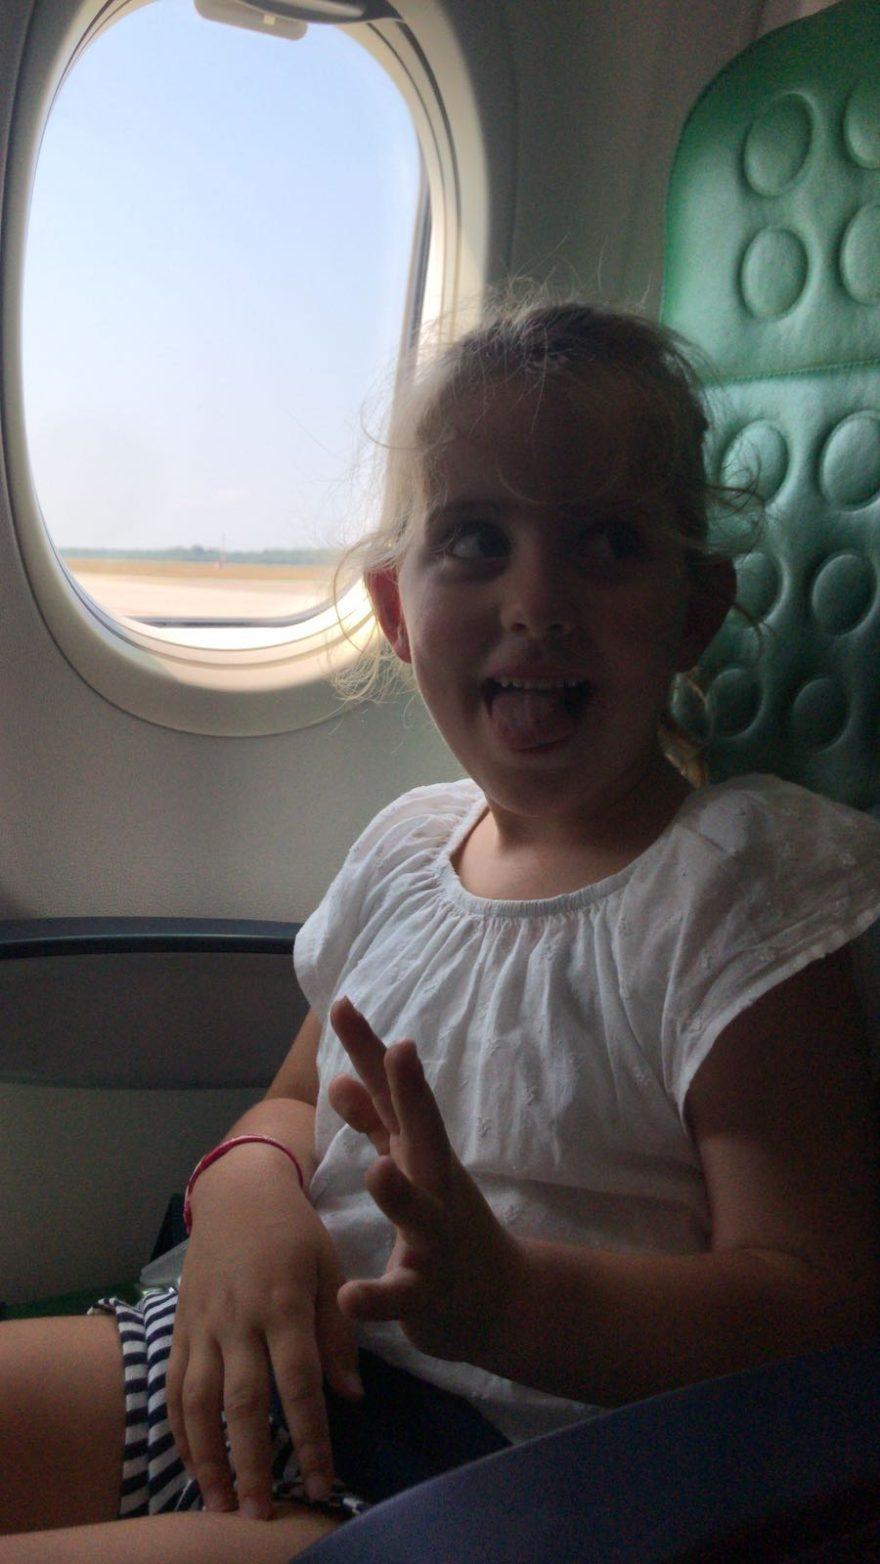 Mijn vriendinnetje gaat vliegen #VAKANTIE #mallorca met papa en mama, fijne vakantie meis